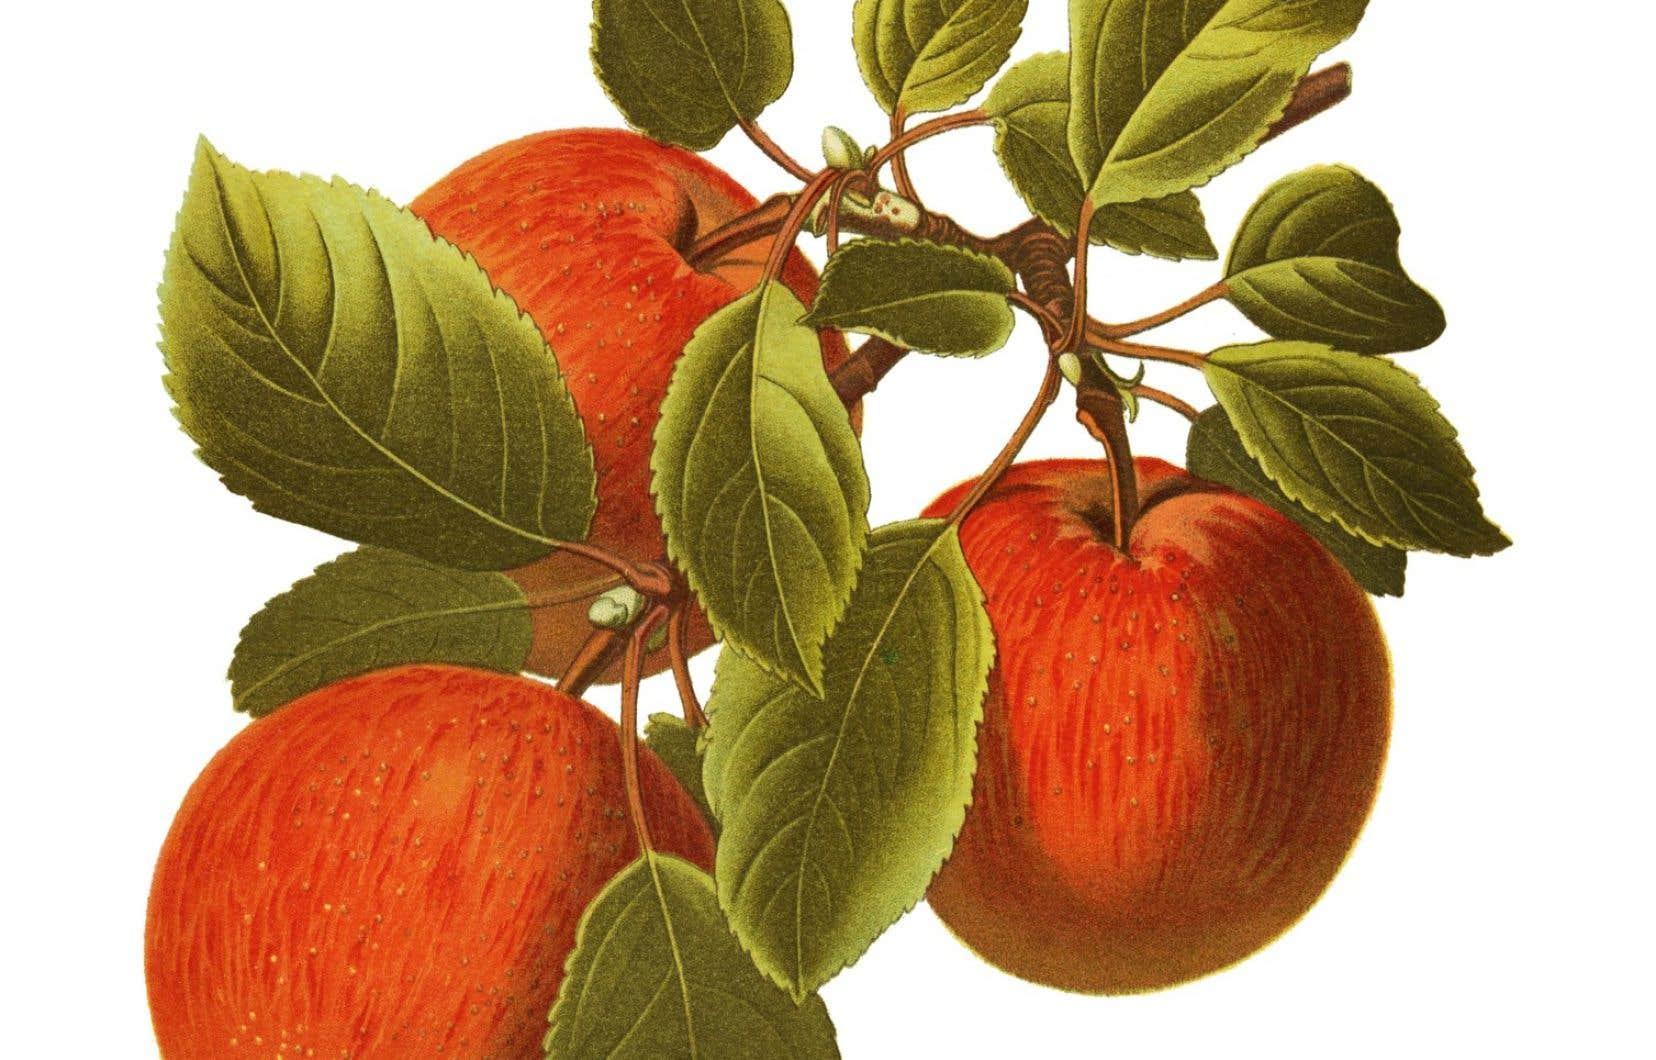 Sur plus de 200 variétés de pommes susceptibles de croître sur les rives du Saint-Laurent, nous n'en connaissons plus, au mieux, que quelques-unes, à peu près toujours les mêmes.